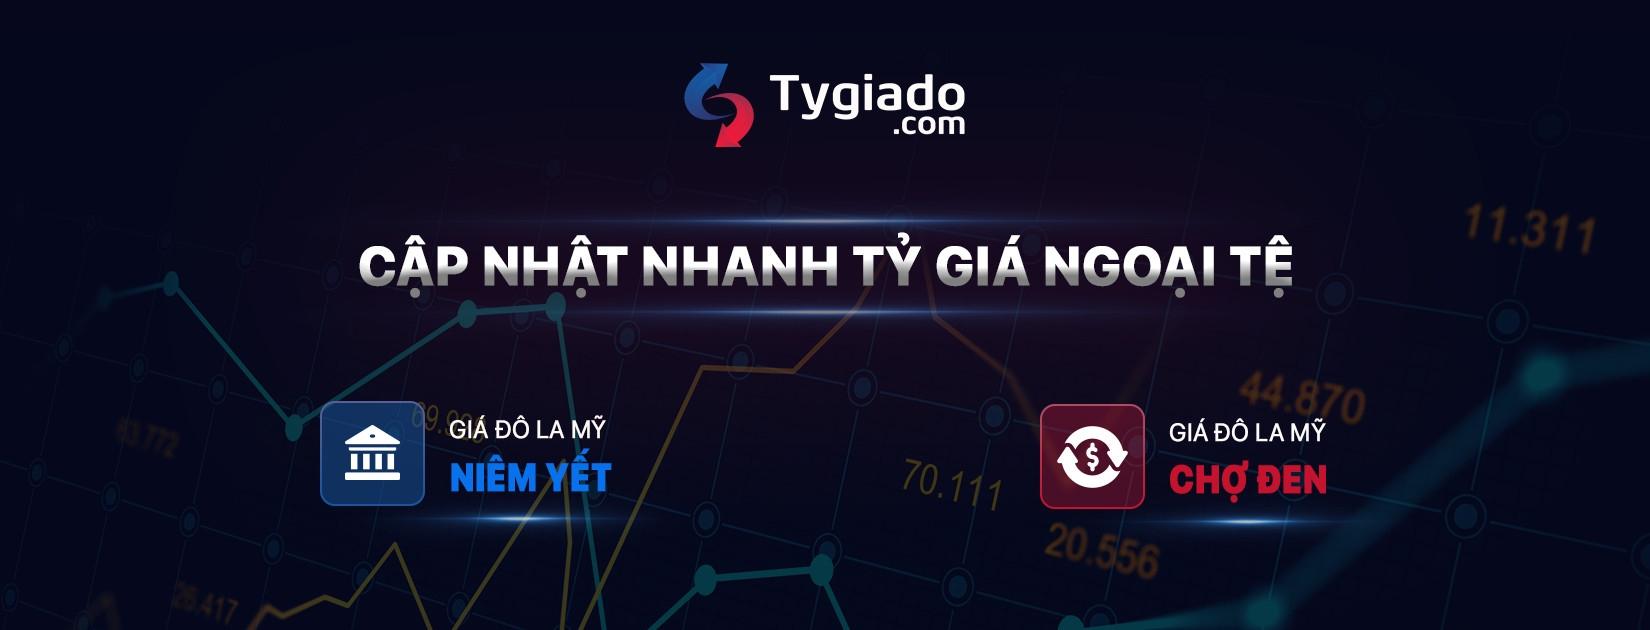 Tỷ Giá Đô (@tygiado) Cover Image